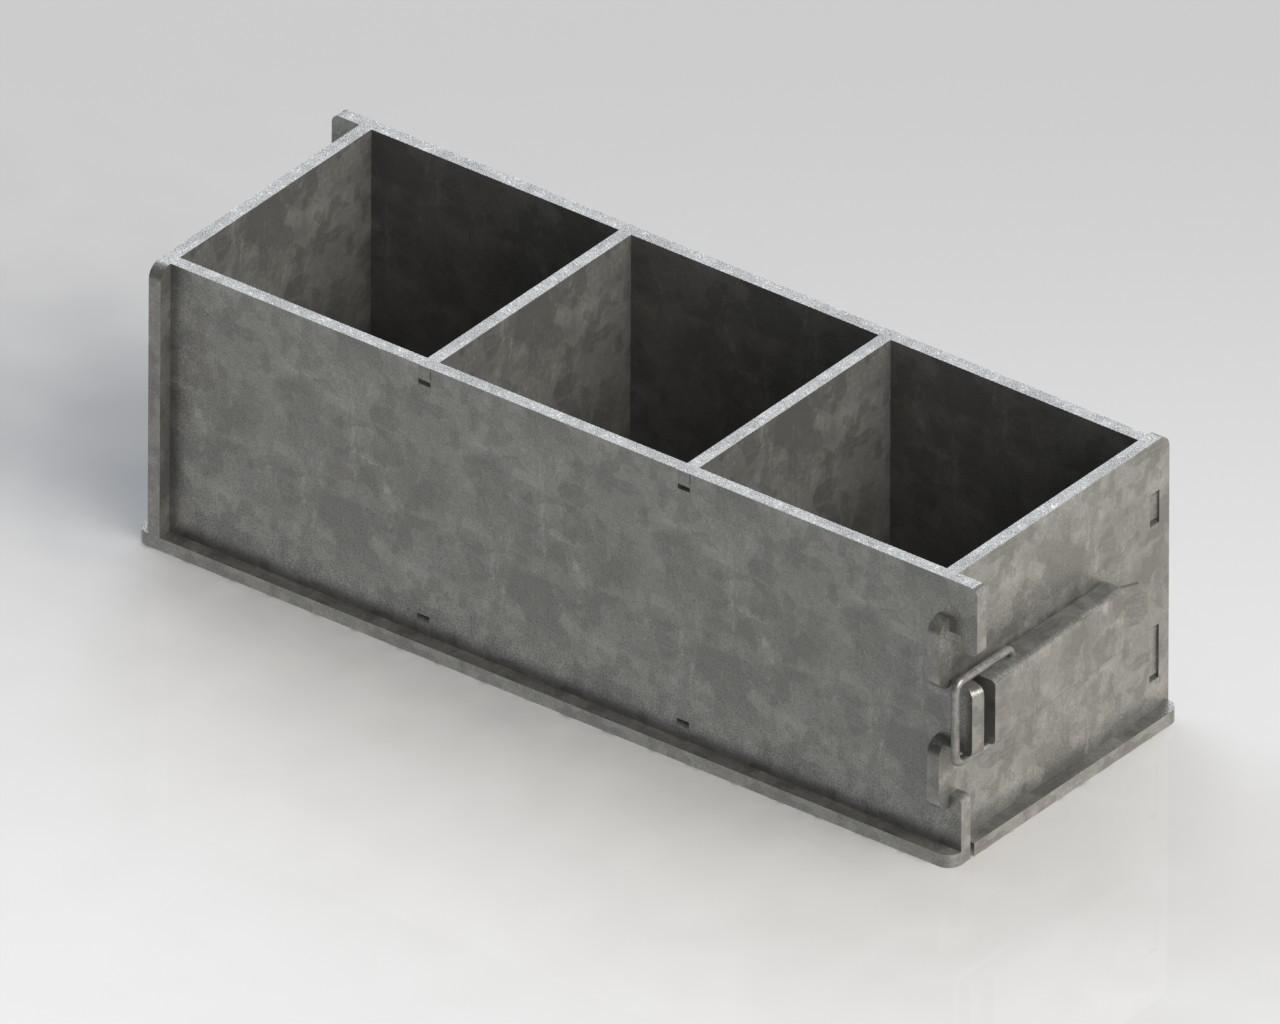 Формы для кубиков бетона в москве бетон миксер заказать саратов